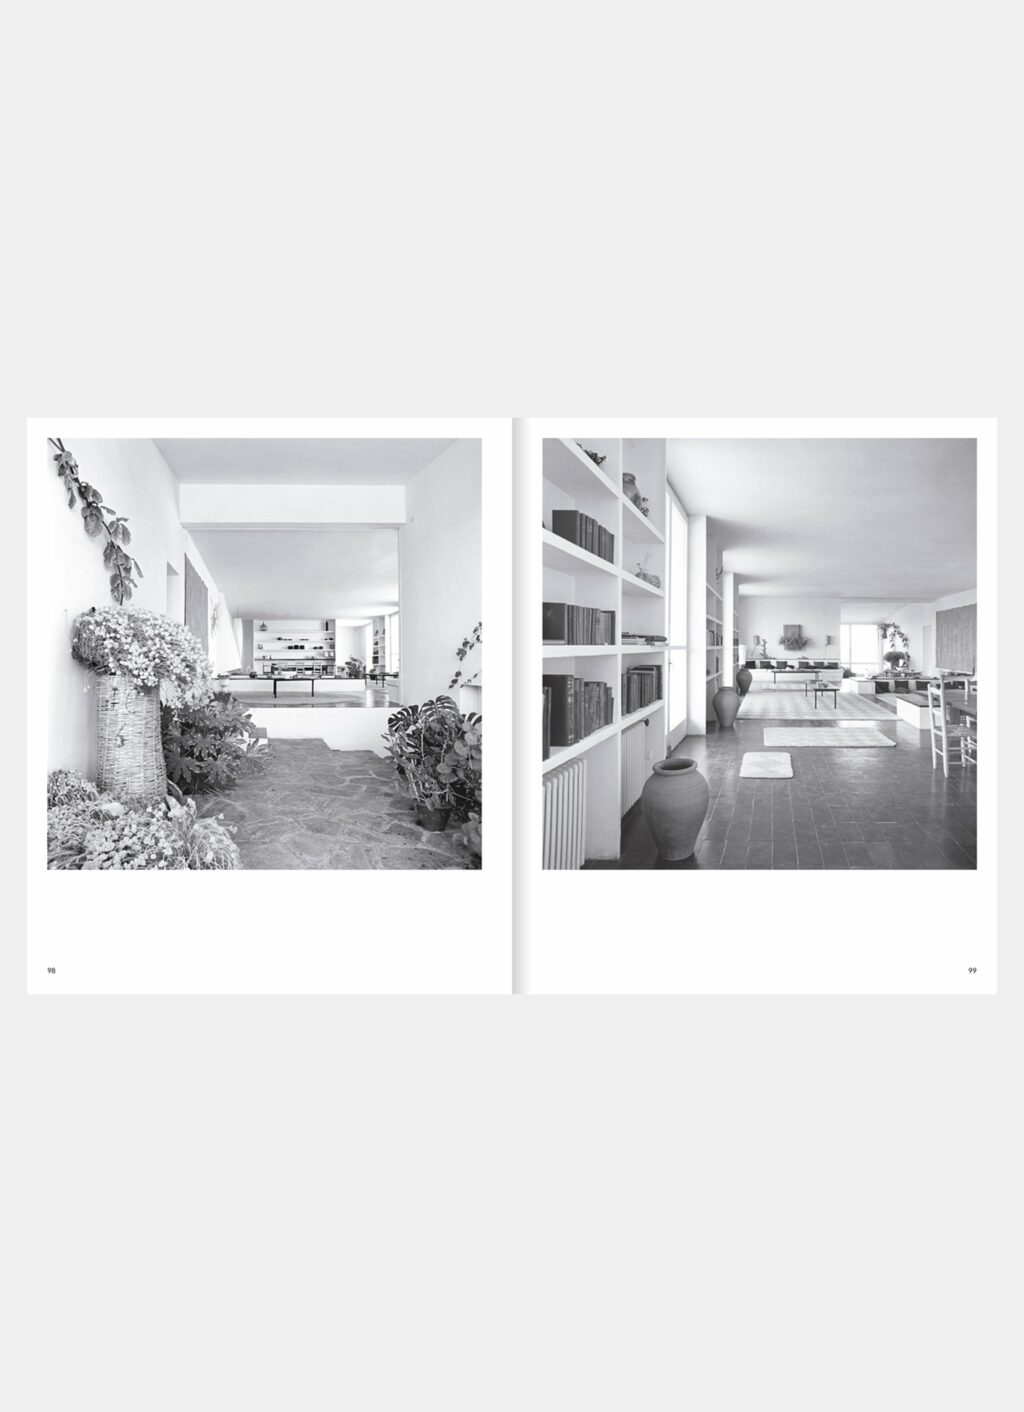 Nacho Alegre - Apartamento - The Modern Architecture of Cadaqués 1955 - 71